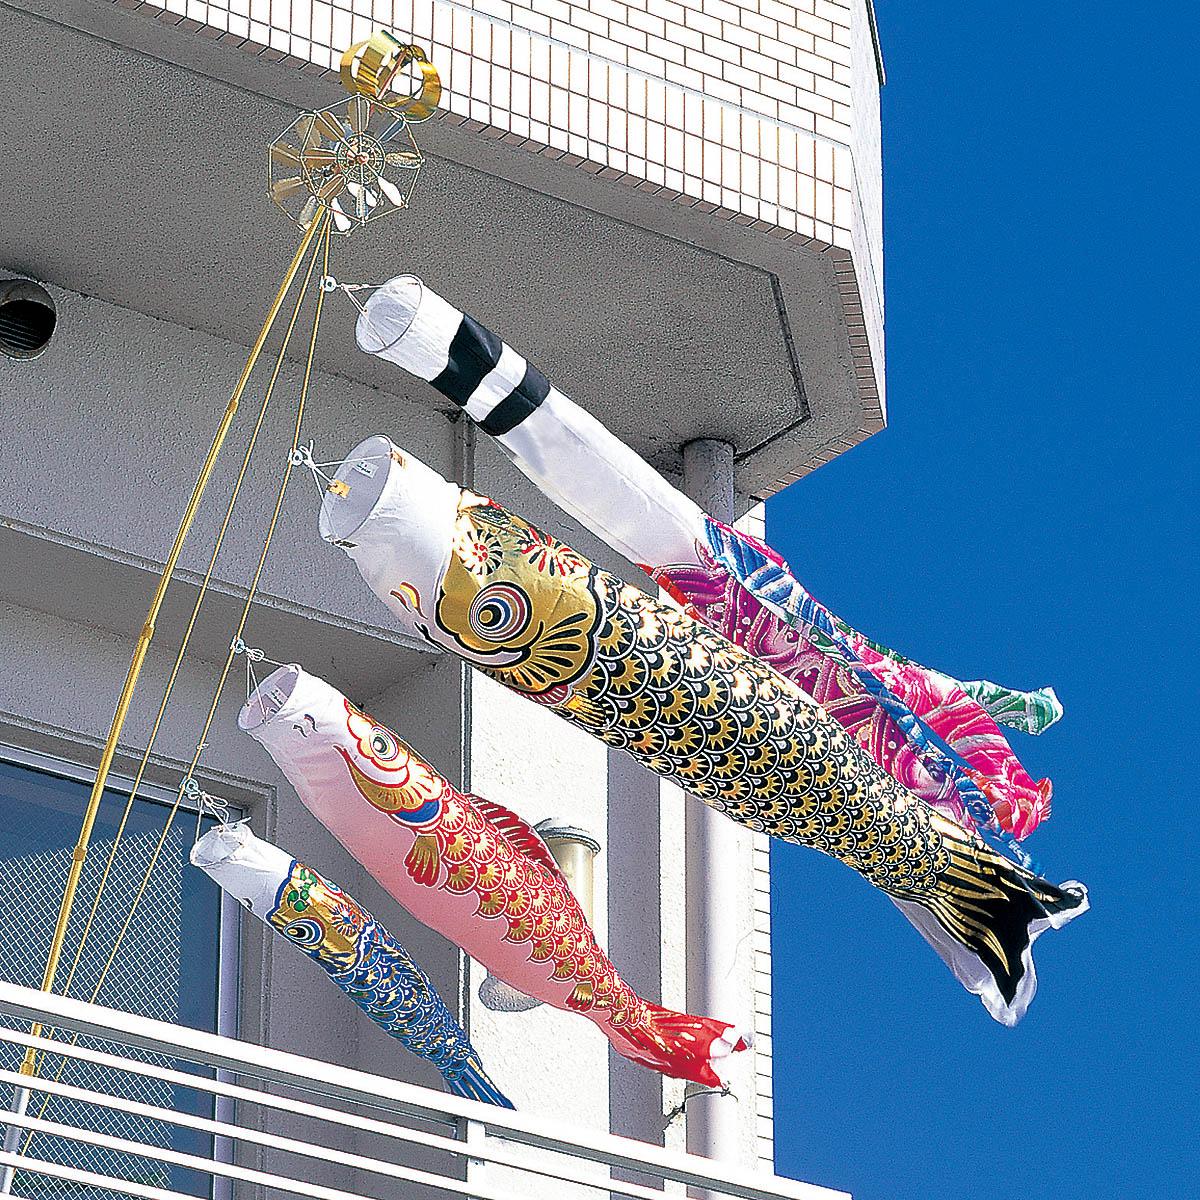 こいのぼり ベランダ用 スターゴールド鯉 2m 6点 (矢車、ロープ、吹流し、鯉3匹) NDWベランダスタンドセット ダイヤ鯉 KOD-NDW-734319